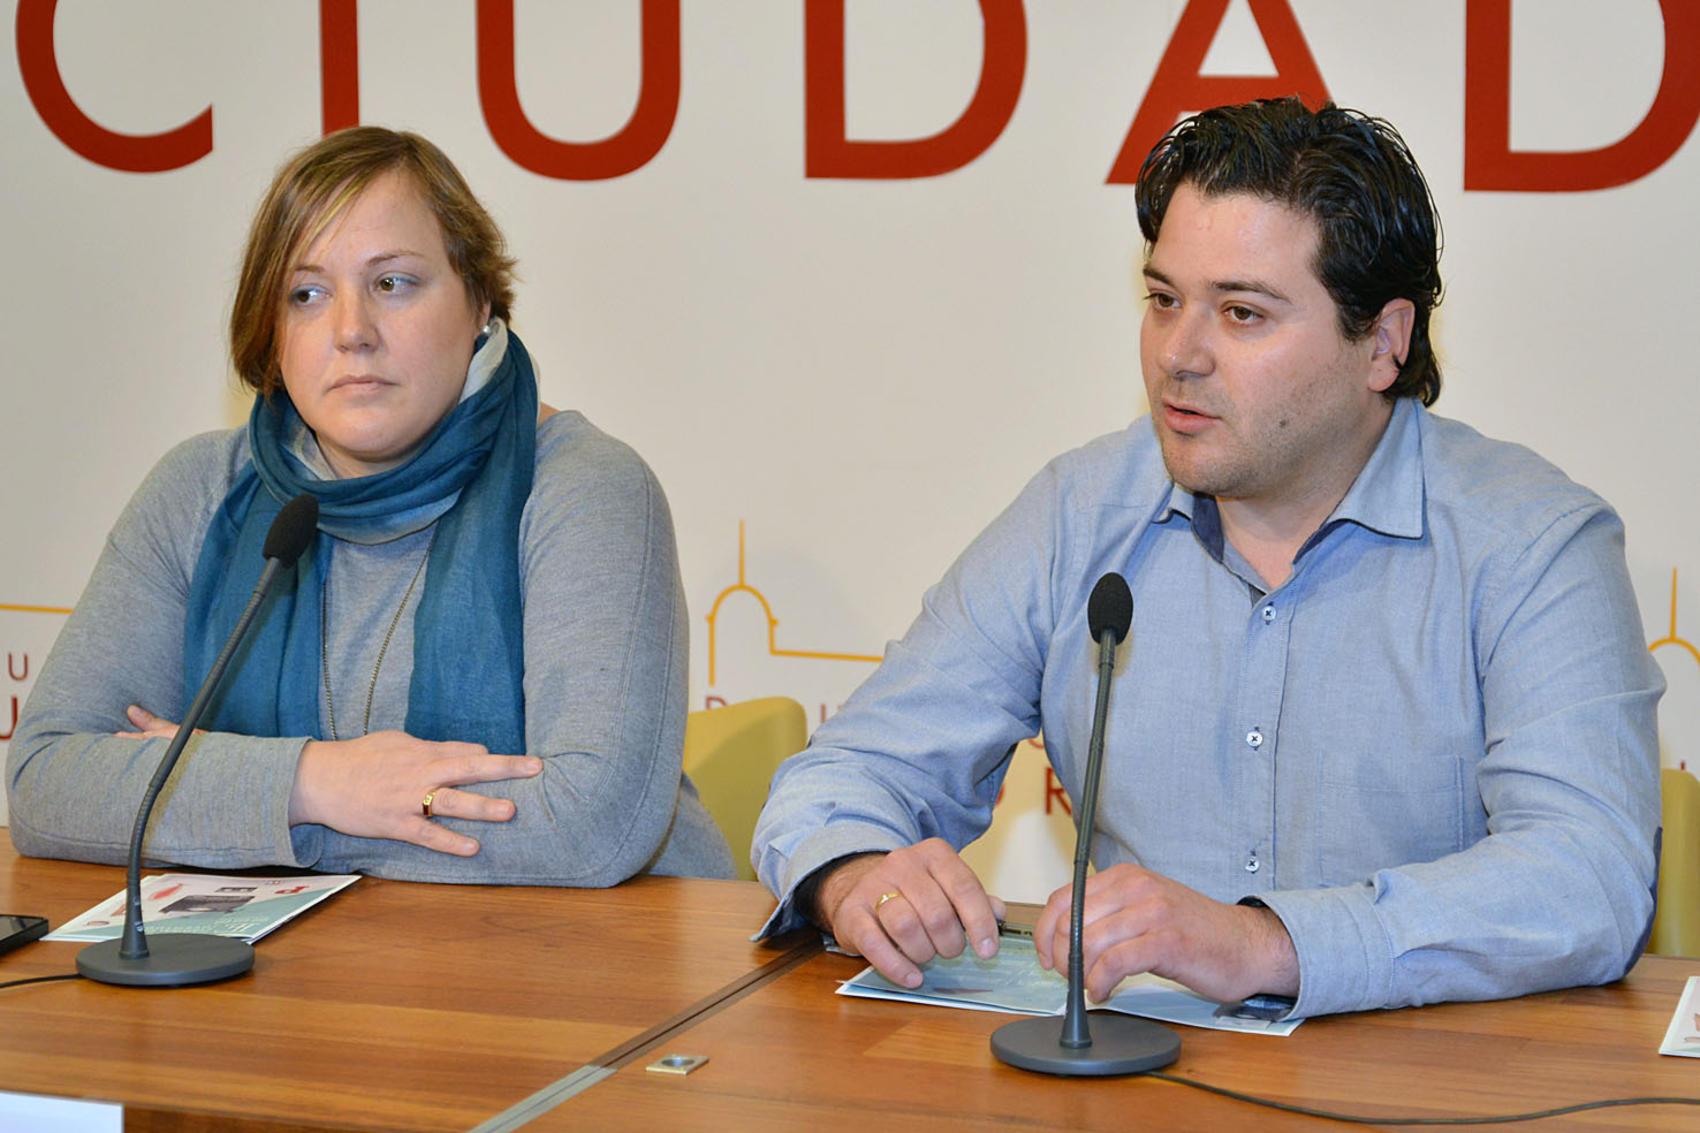 La Diputación organiza encuentros culturales de juventud para formar, informar y dinamizar